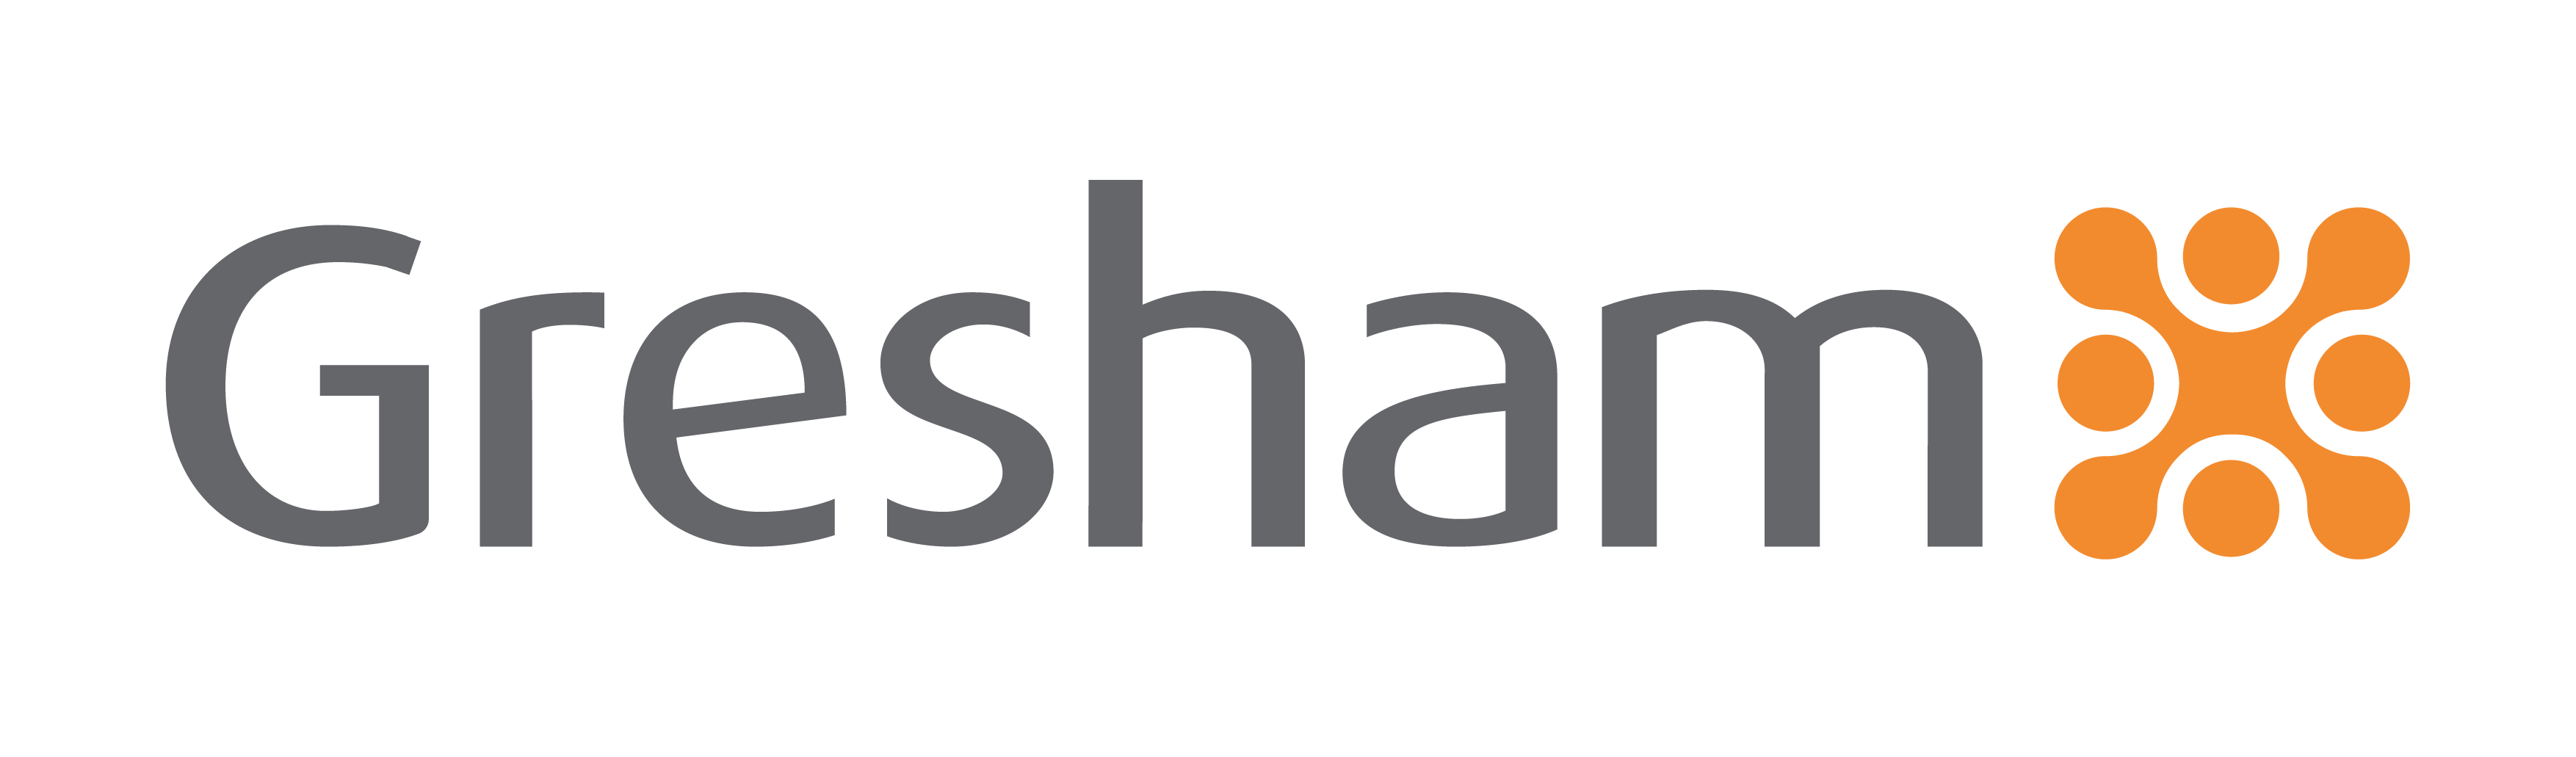 Gresham Consulting